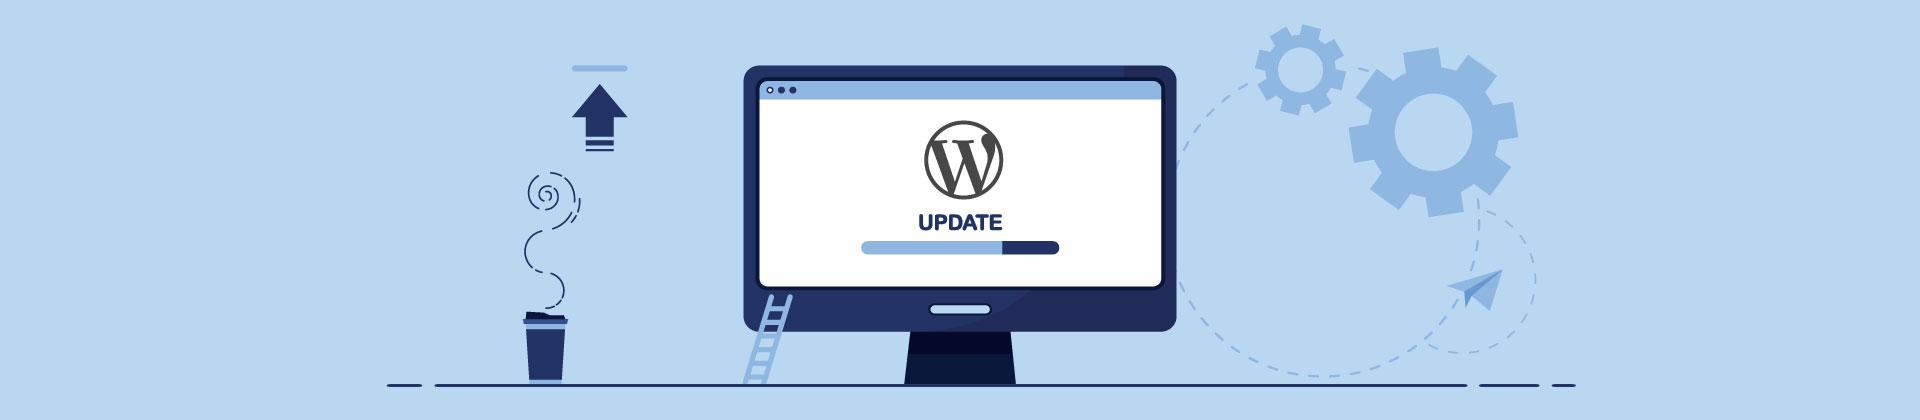 De ce e important să îmi actualizez regulat website-ul WordPress?